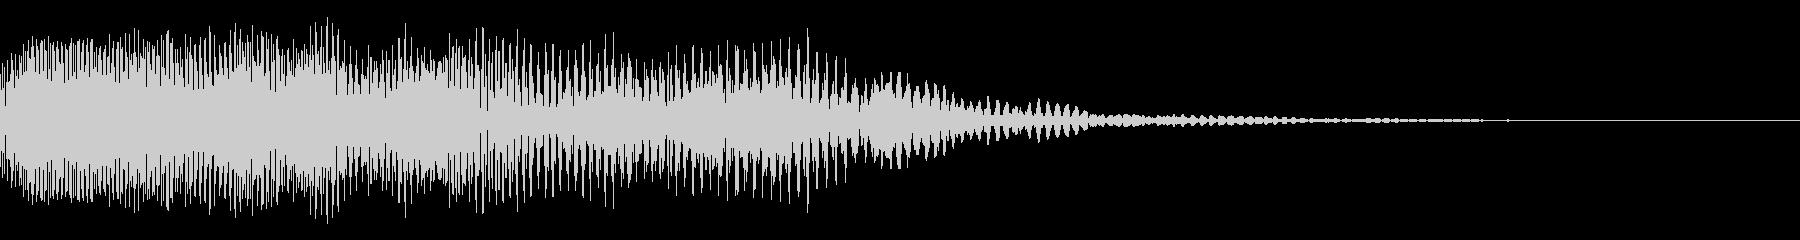 弱体化呪文のエフェクト_その3の未再生の波形